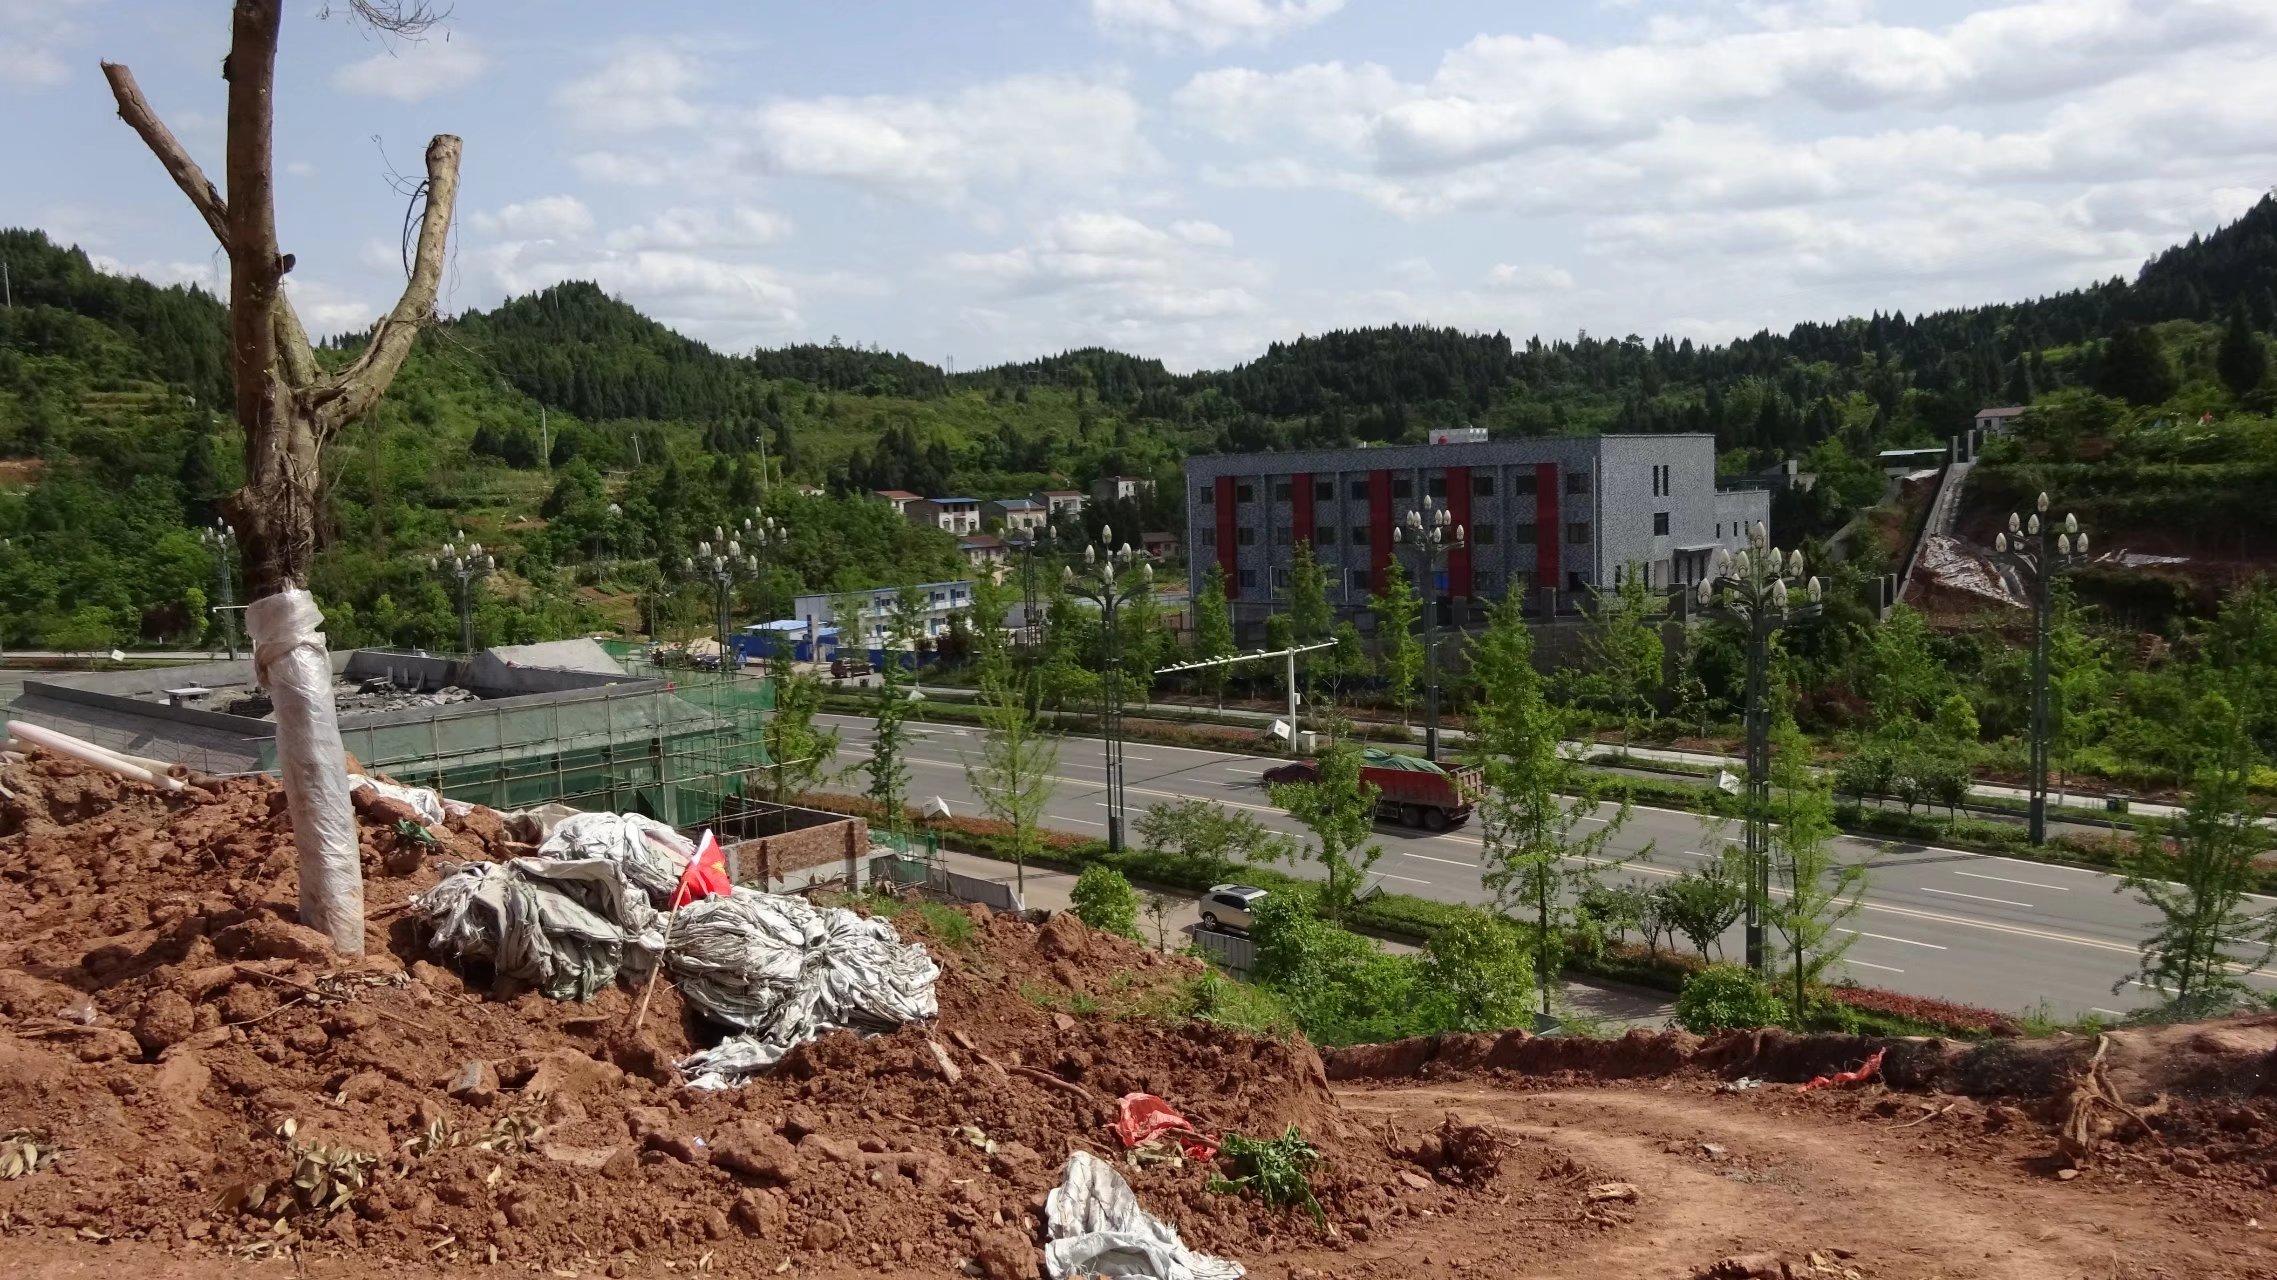 蓬安桑梓火锅公园施工进度(2018-05-10) - 第6张  | 蓬安在线